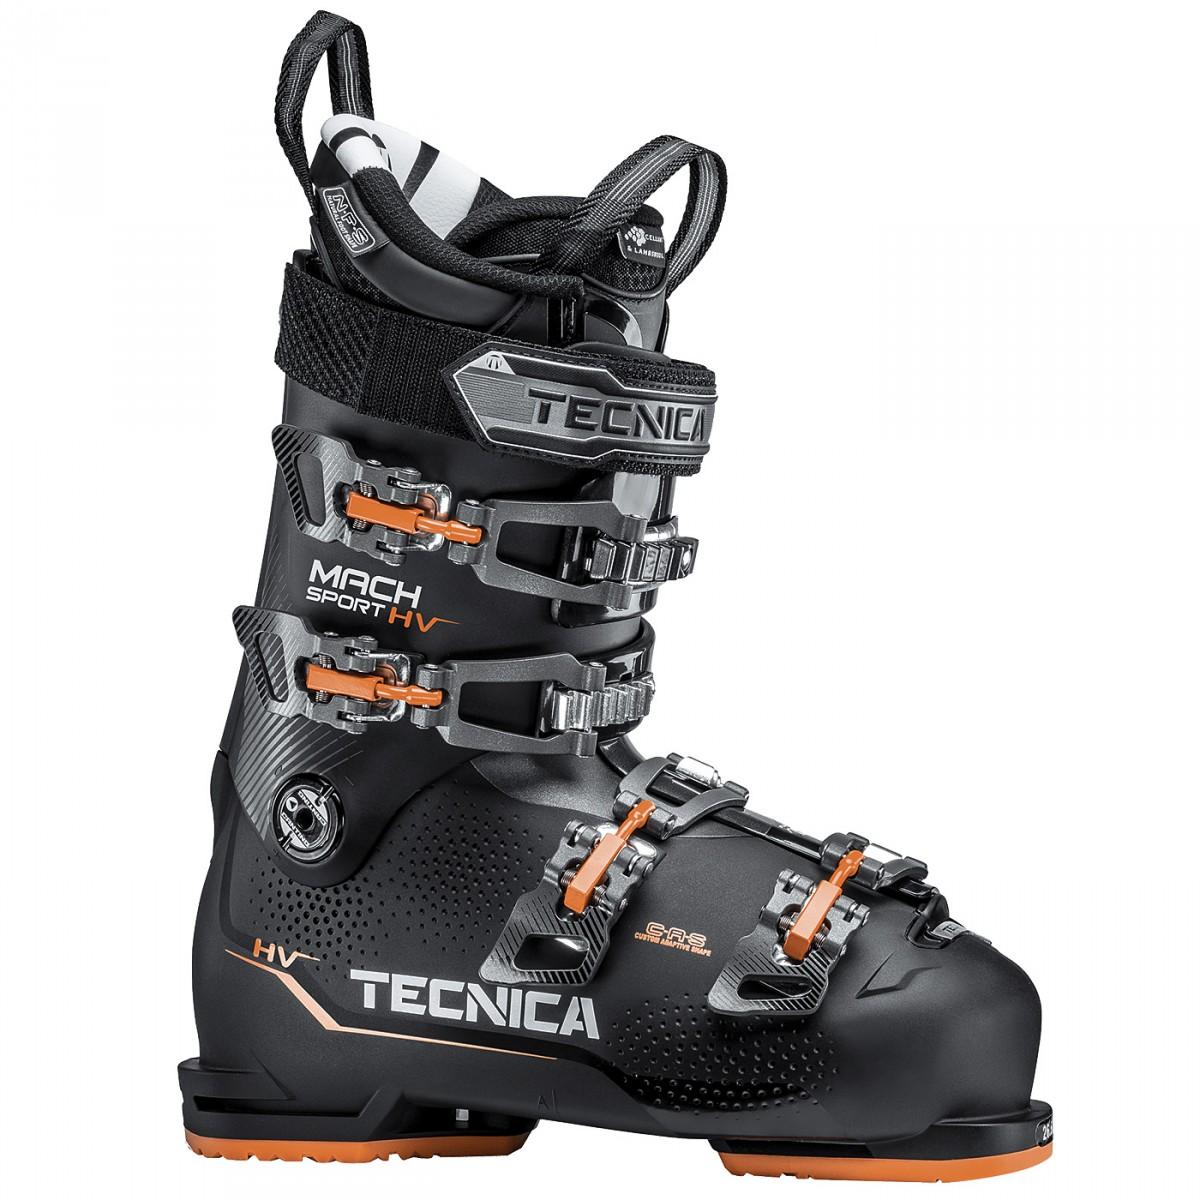 Scarponi sci Tecnica Mach Sport Hv 100 (Colore: nero-arancio, Taglia: 30)